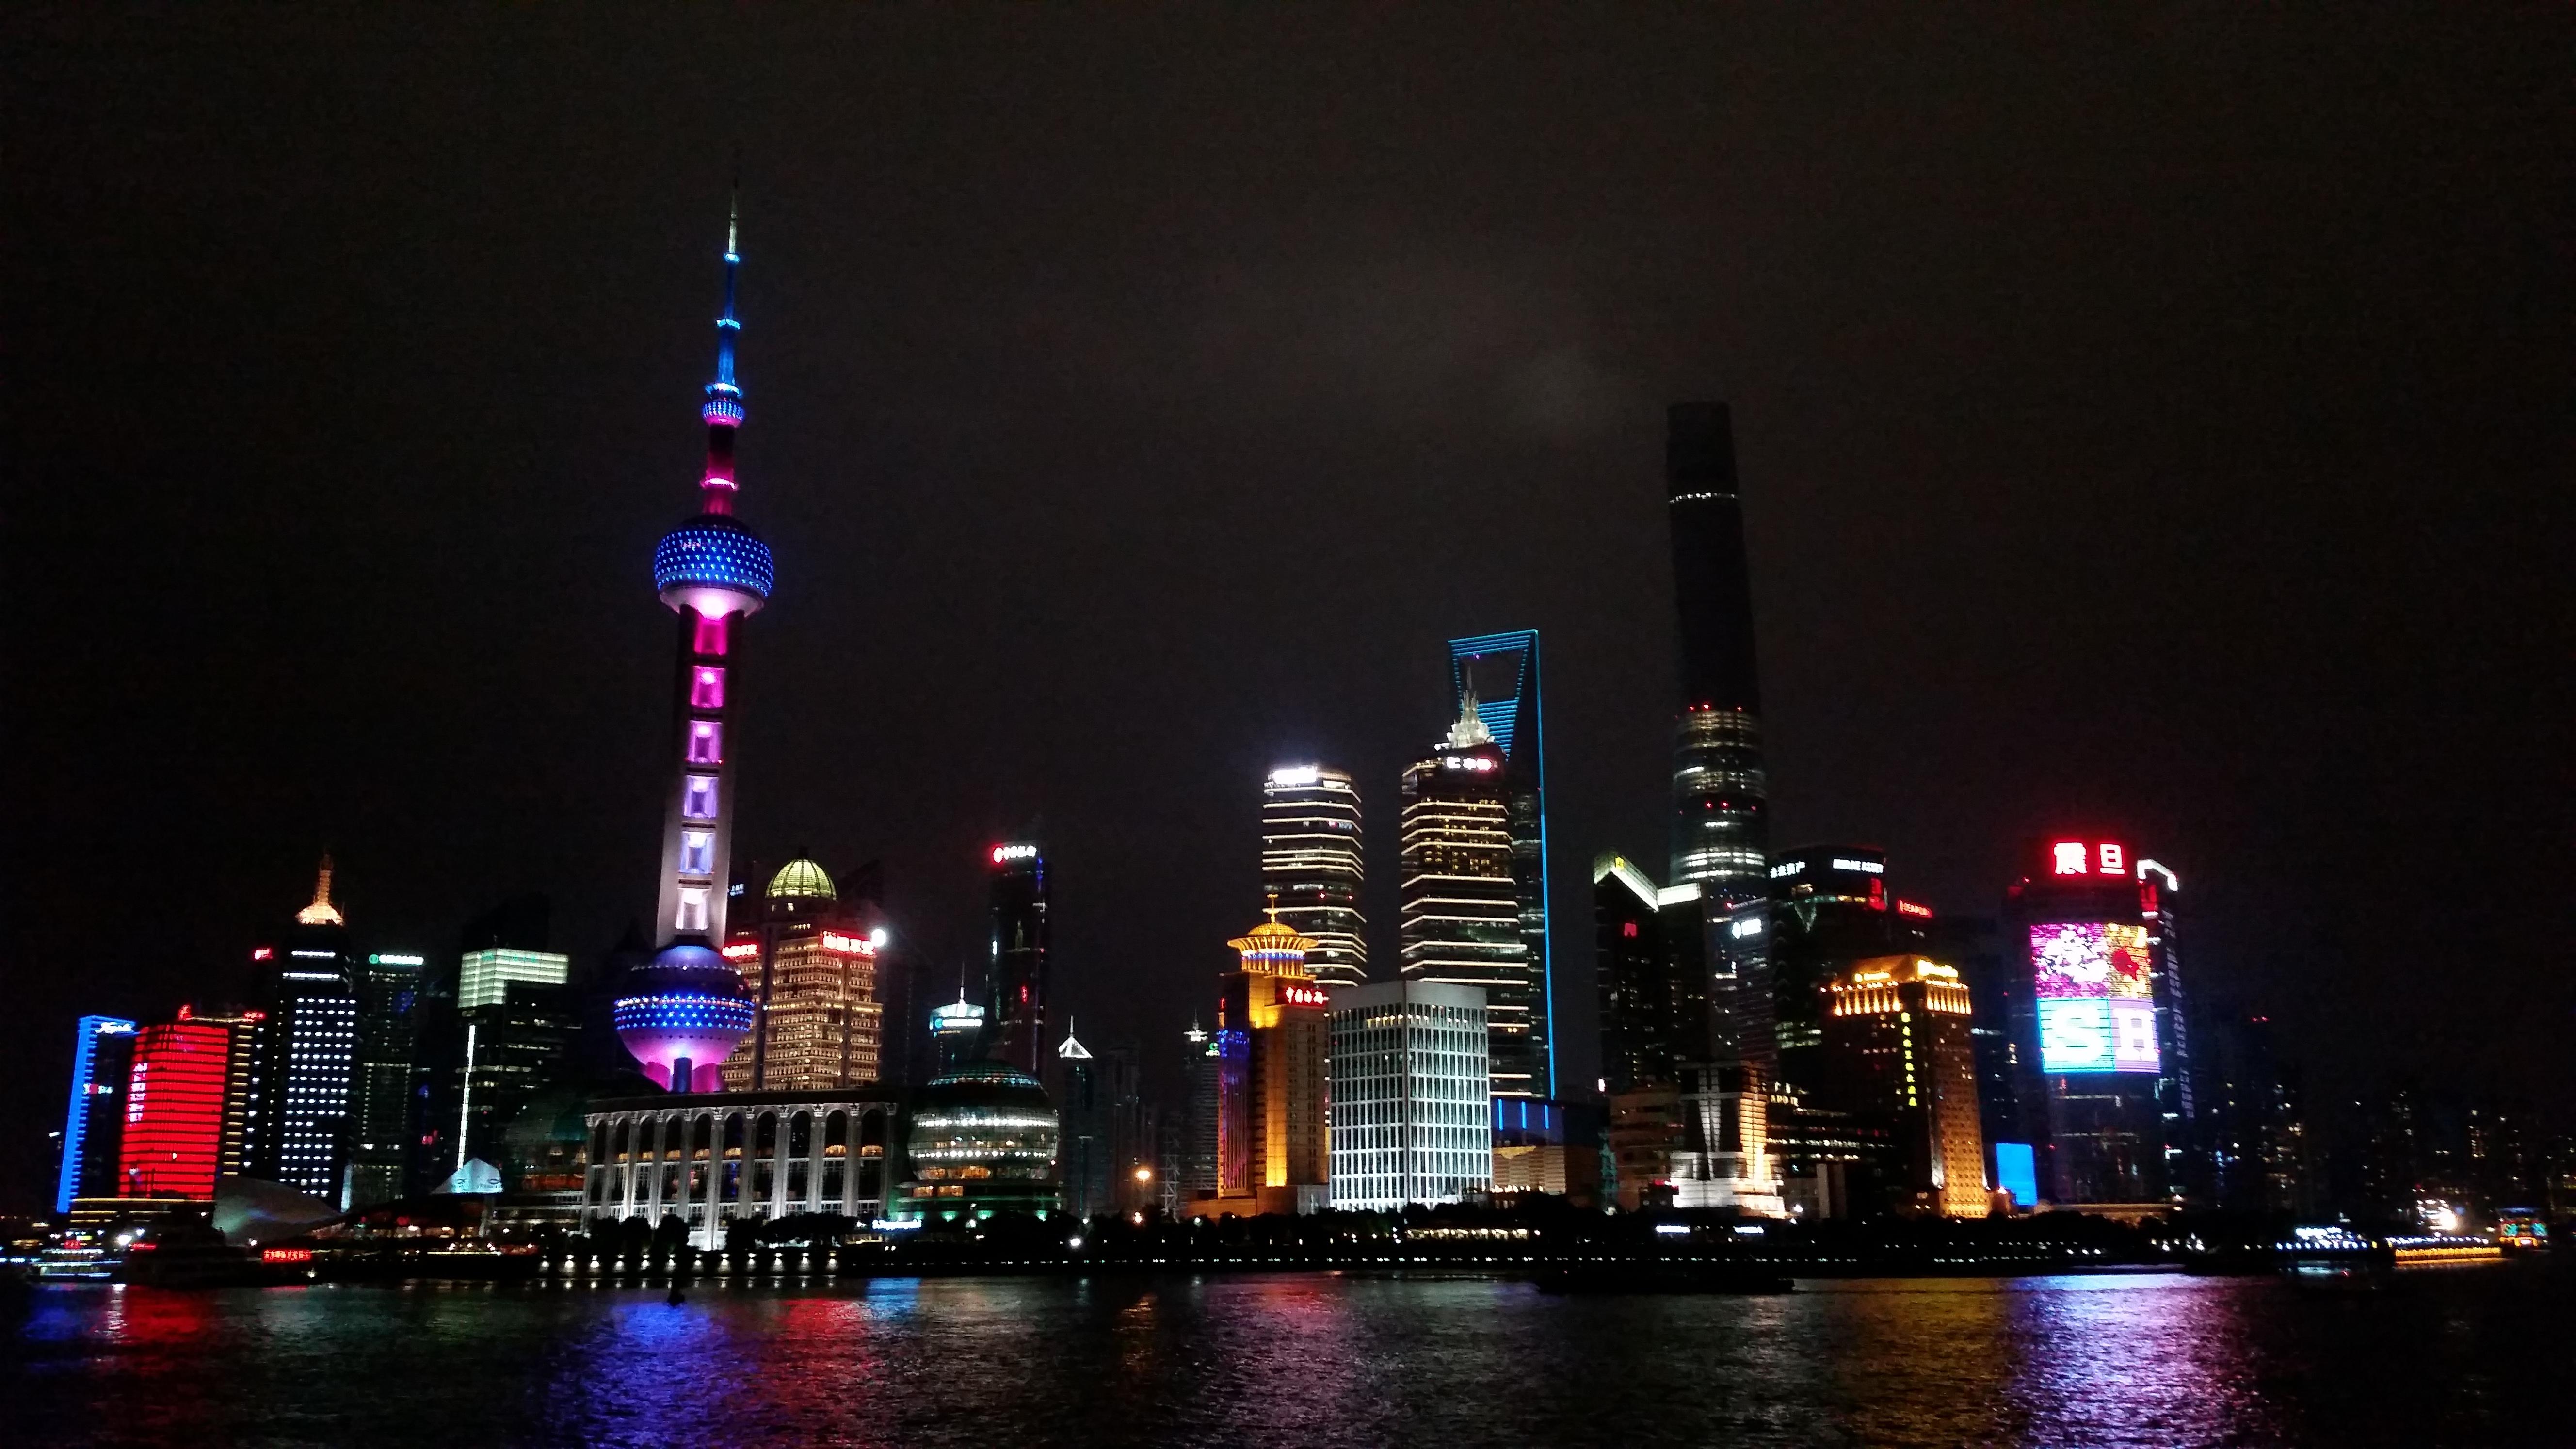 The Bund at night in Shanghai.